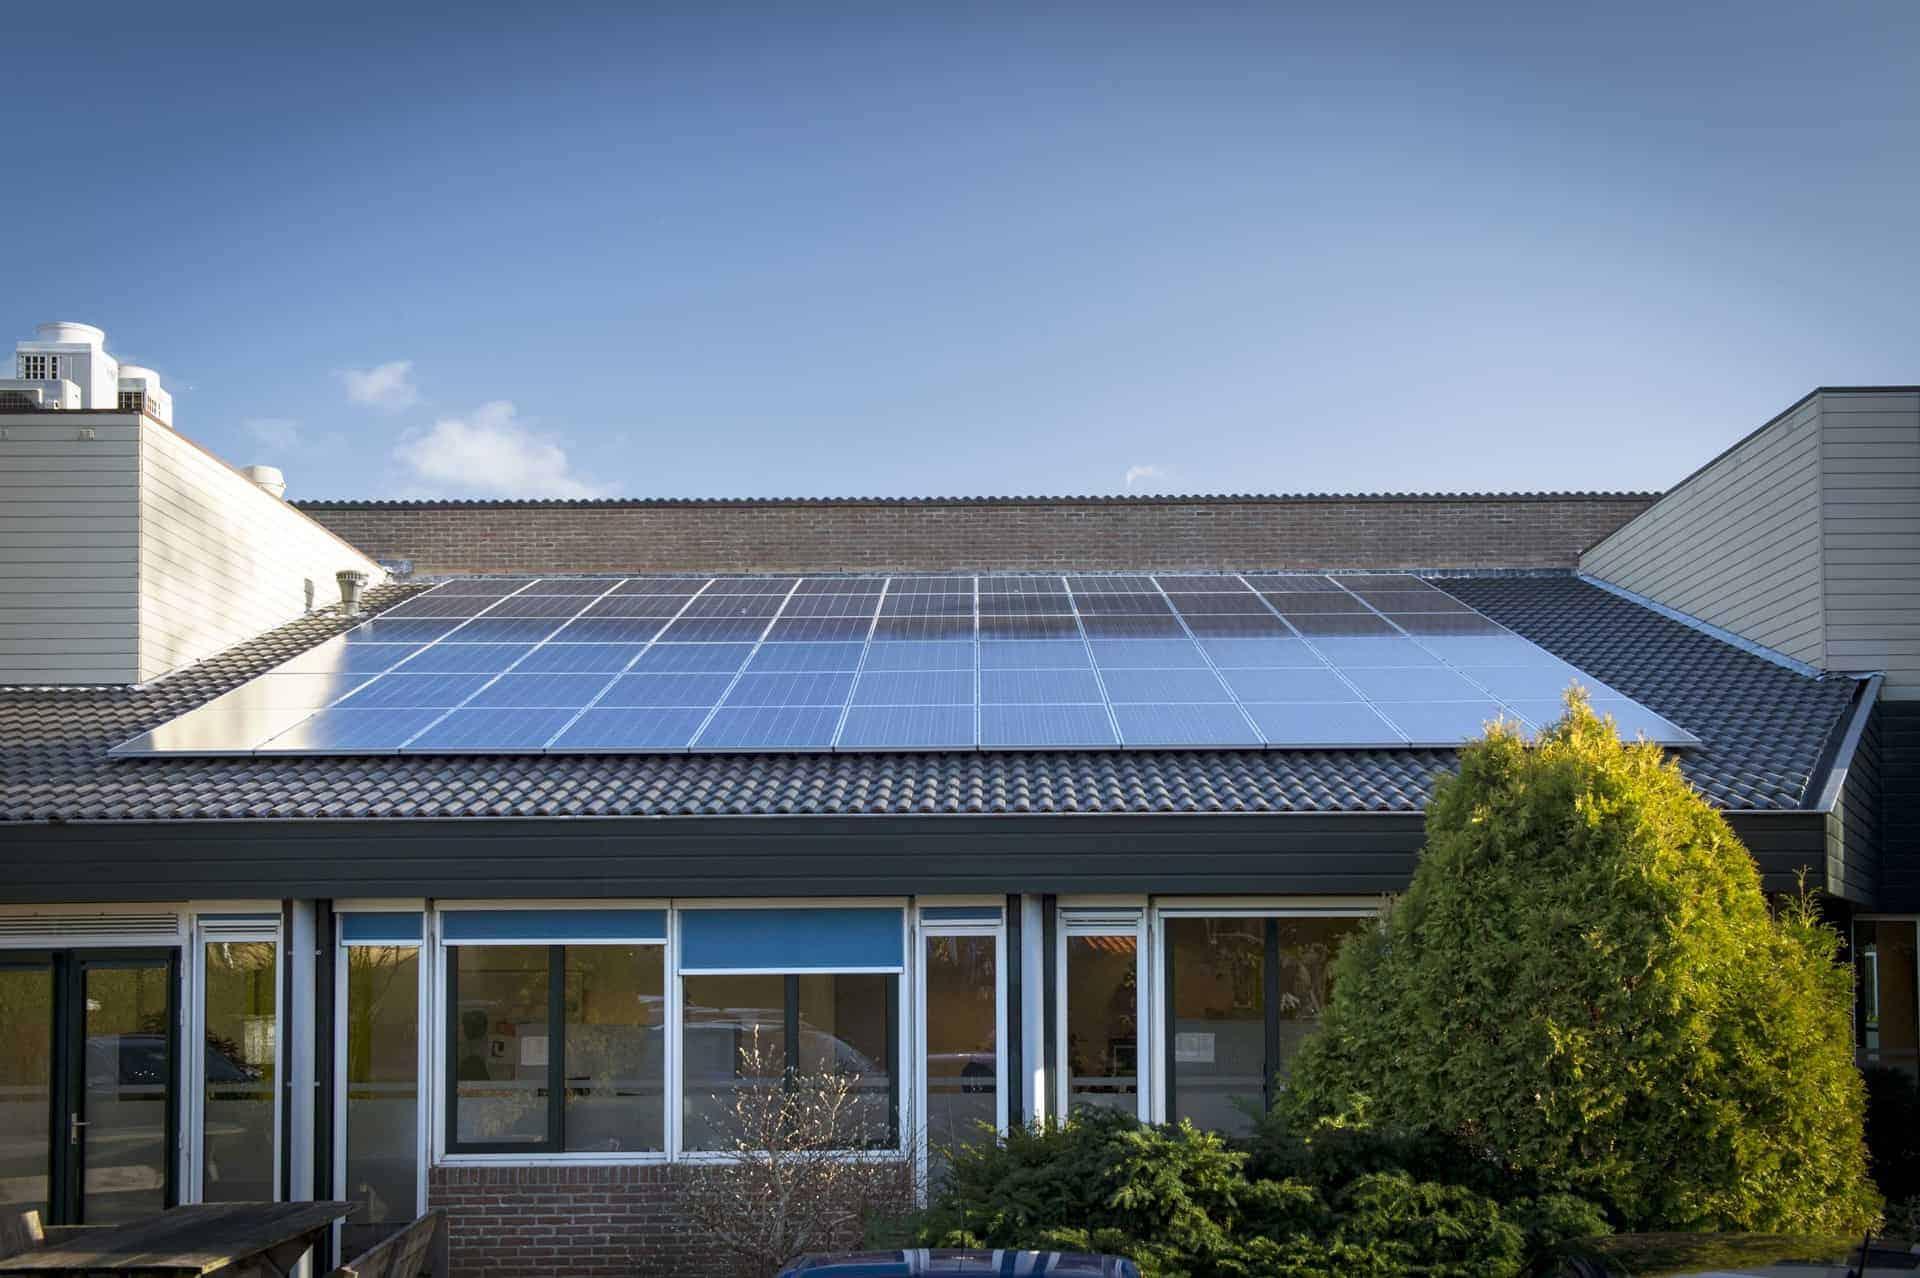 Visser start samen met andere installateurs weer met zonnepanelenactie Beverwijk